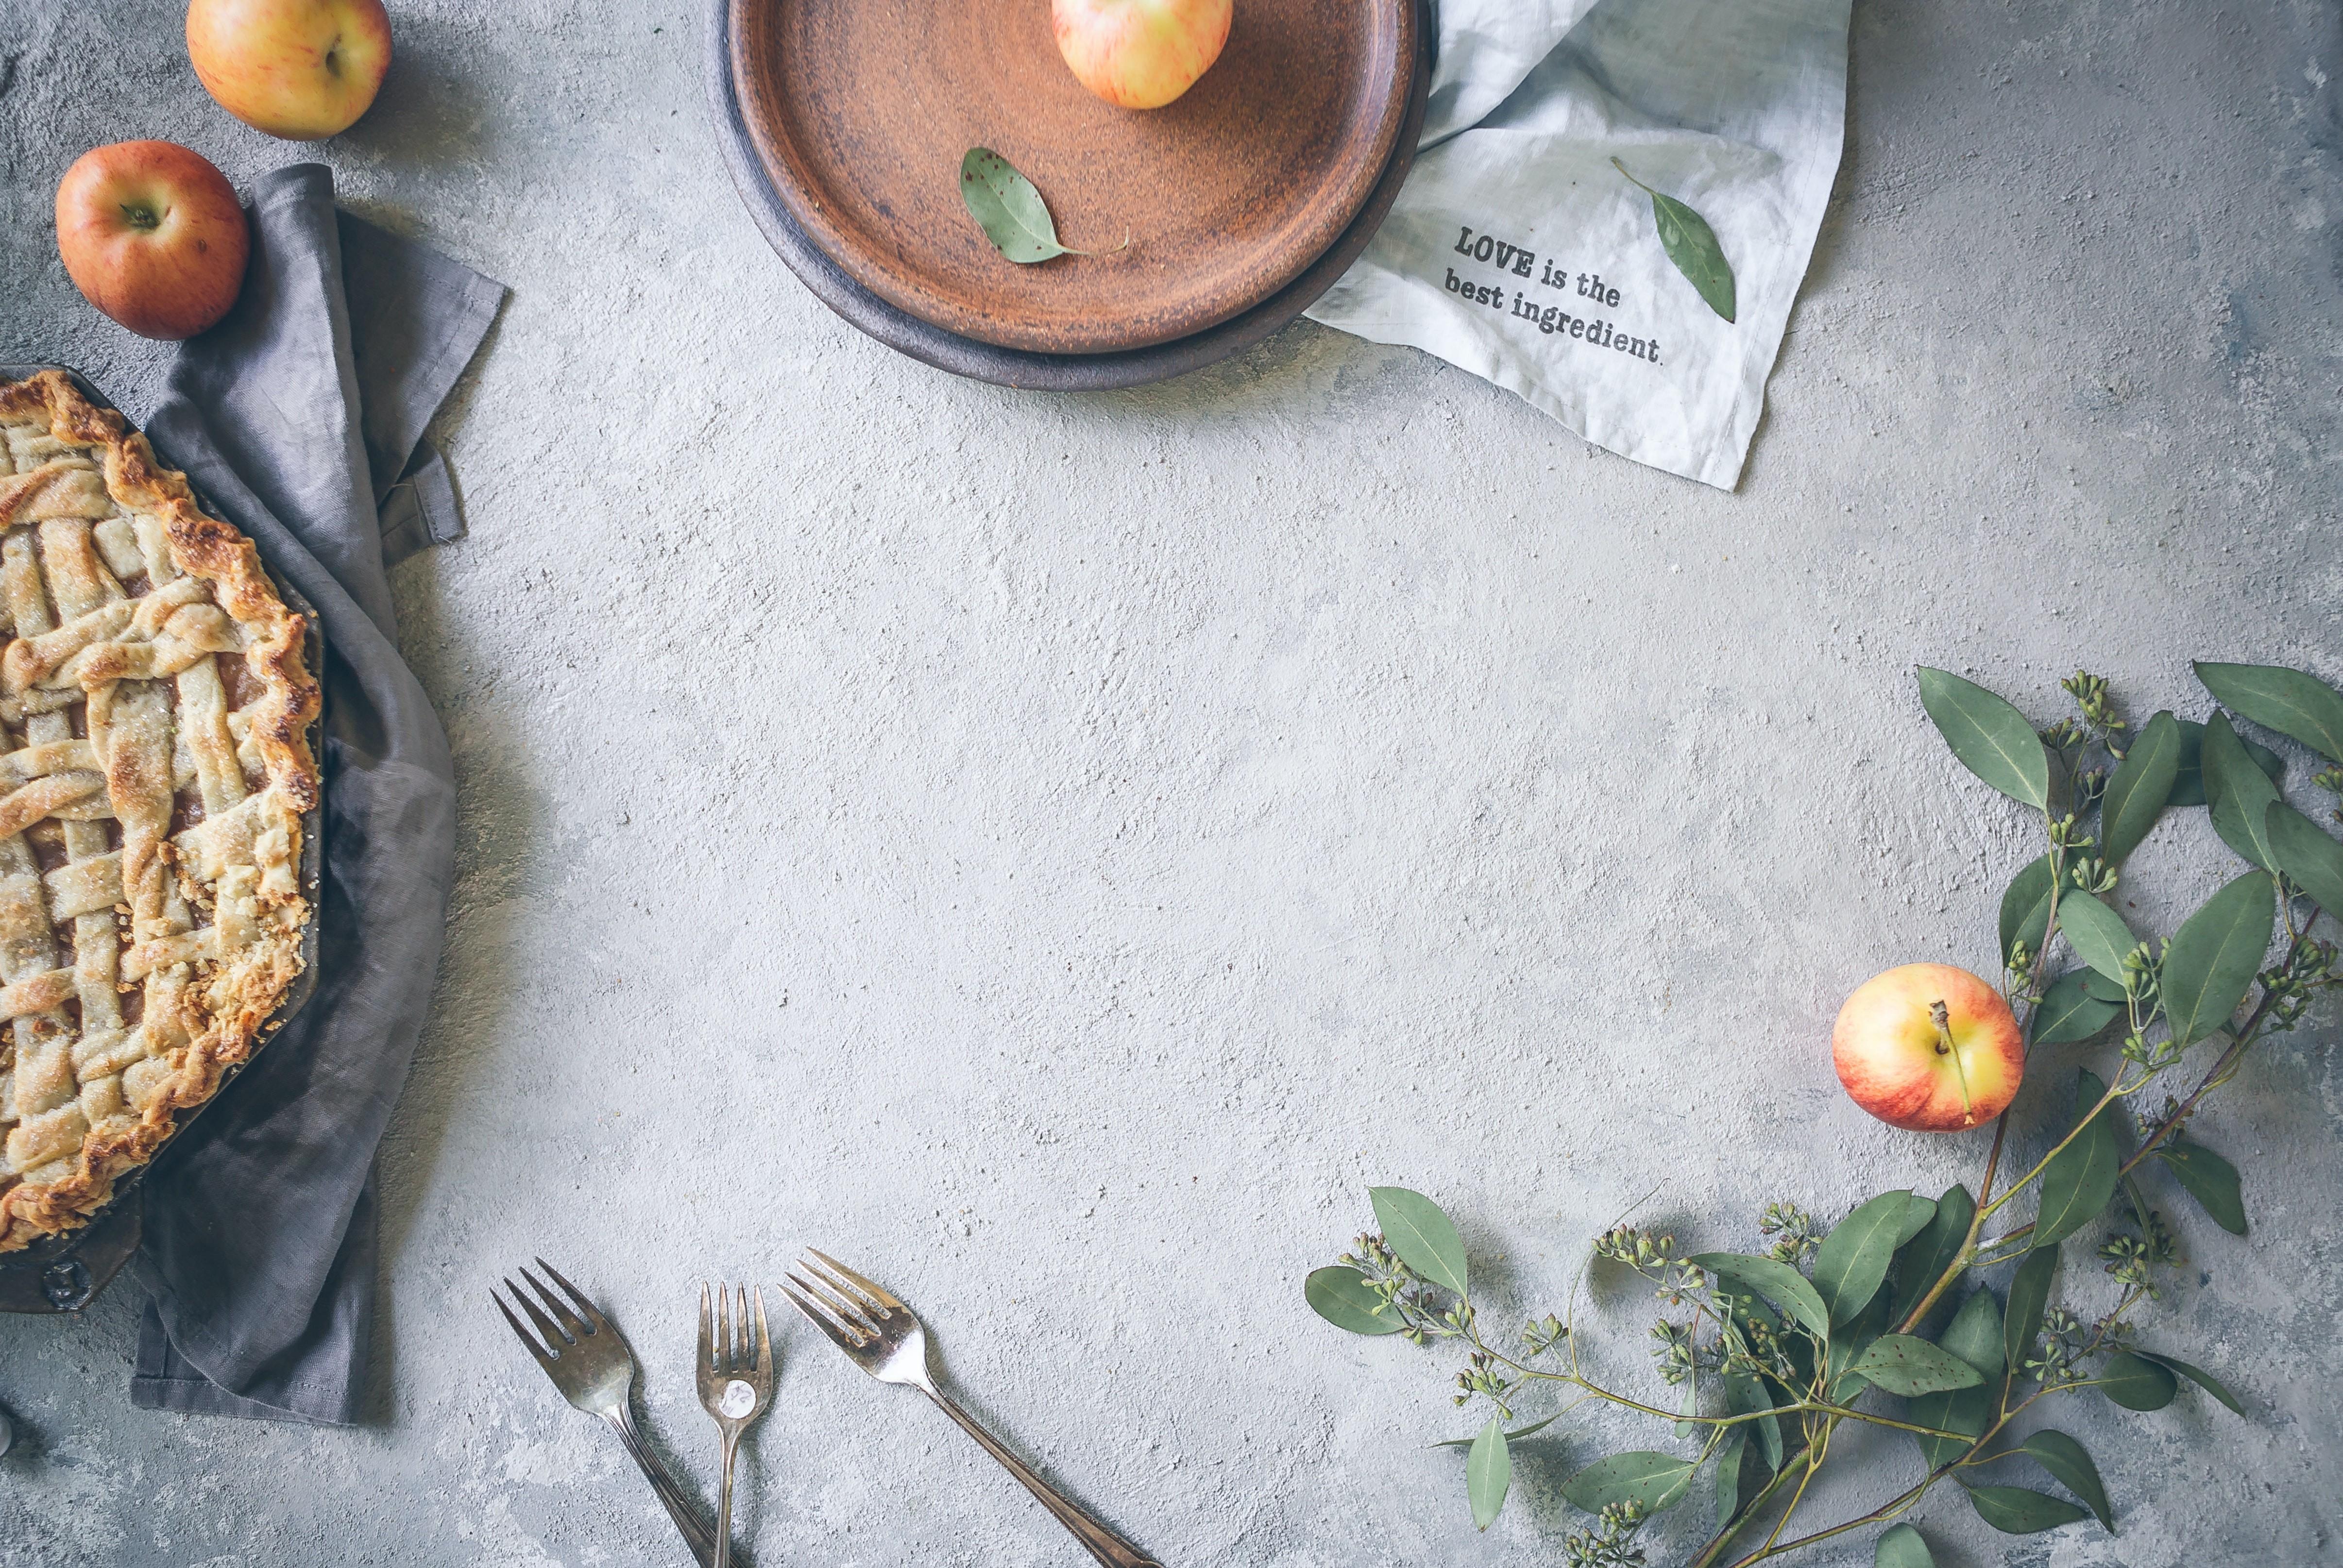 Een appeltaart op een tafelkleed met aankleding.